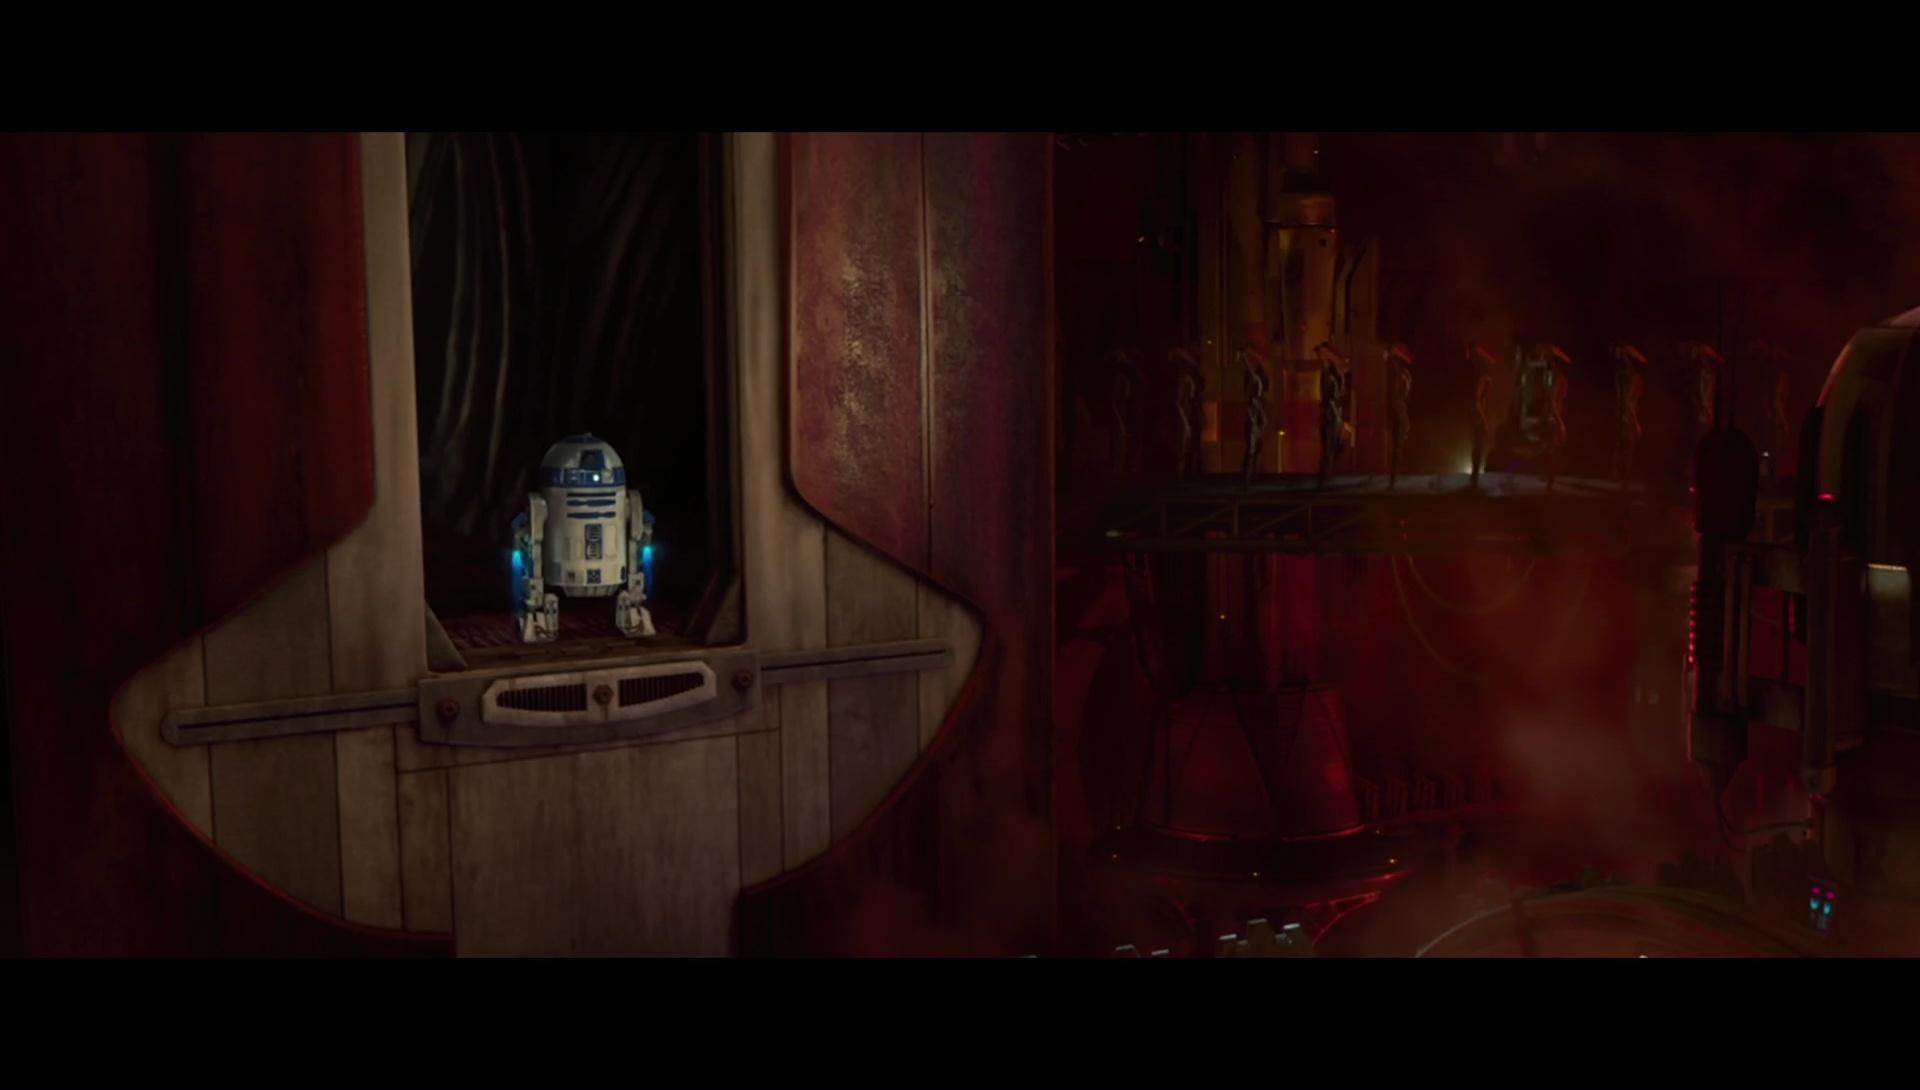 Star Wars Episodio II El Ataque De Los Clones 1080p Lat-Cast-Ing 5.1 (2002)